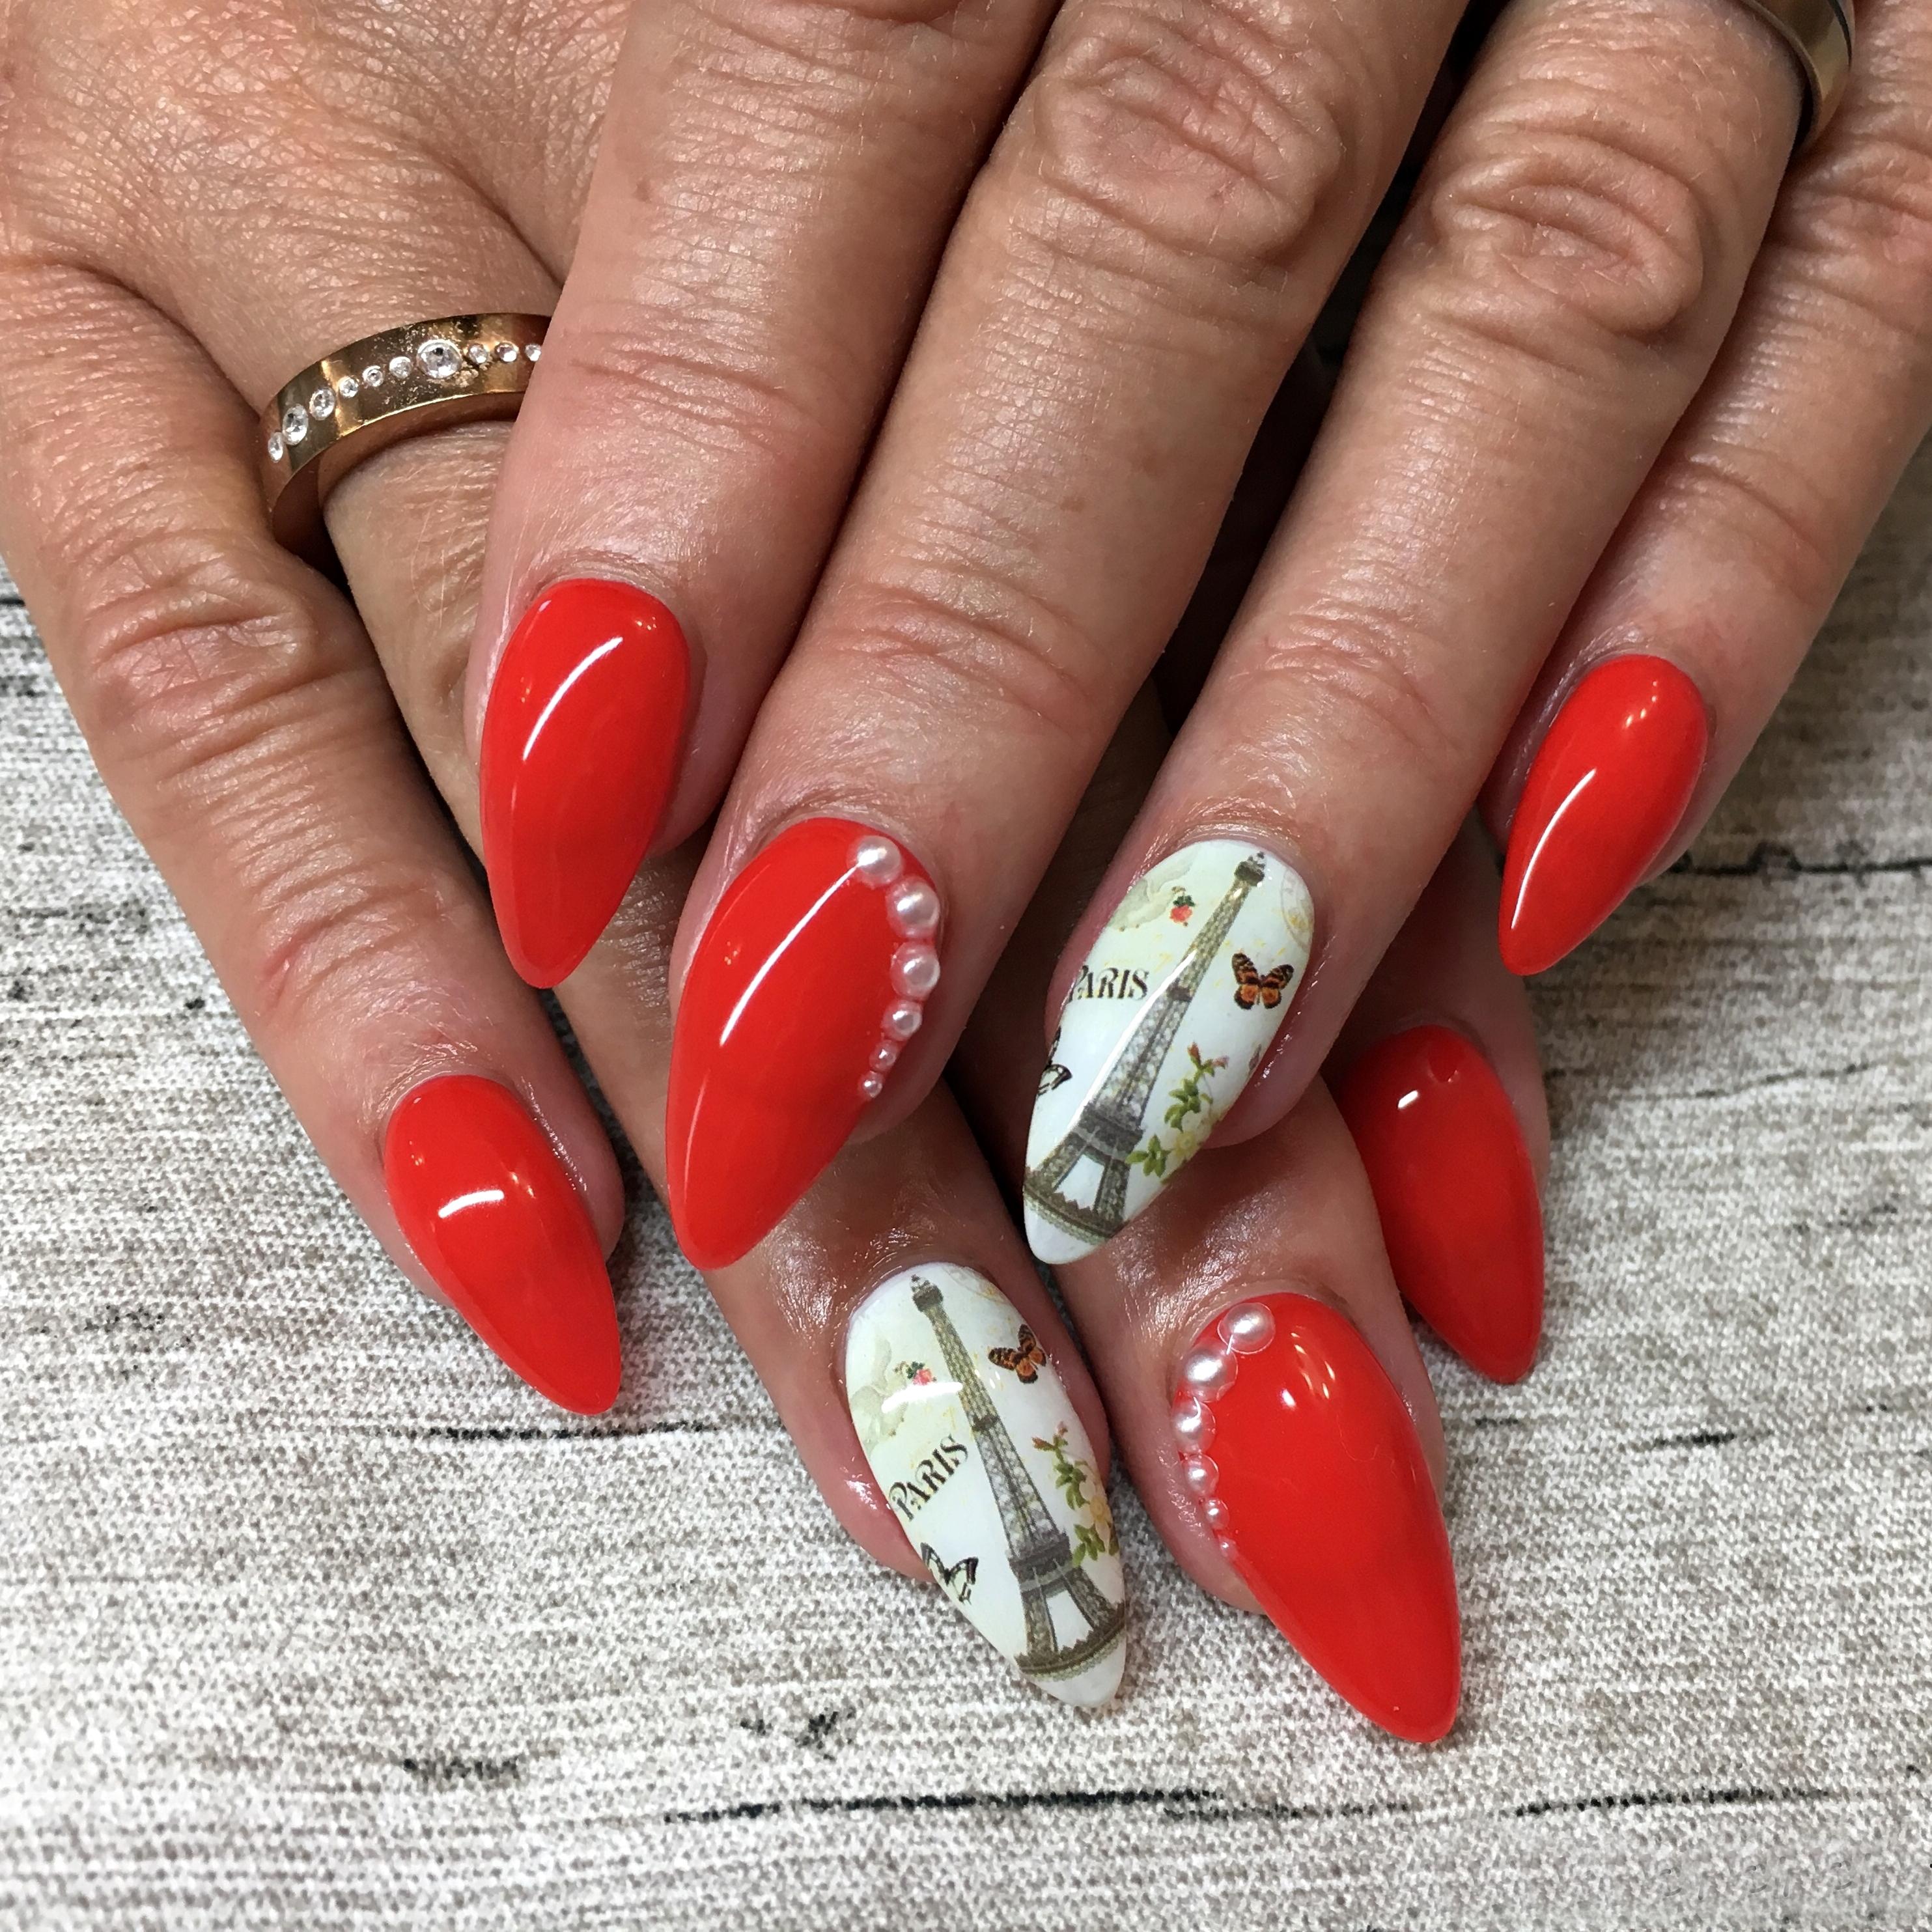 Nail Art Inspiration Spring Summer - Nageldesign für den Sommer - Nageldesign mit Rot und dem Eiffelturm - Paris Nägel - Nägel auffällig gestalten - Fashionladyloves by Tamara Wagner